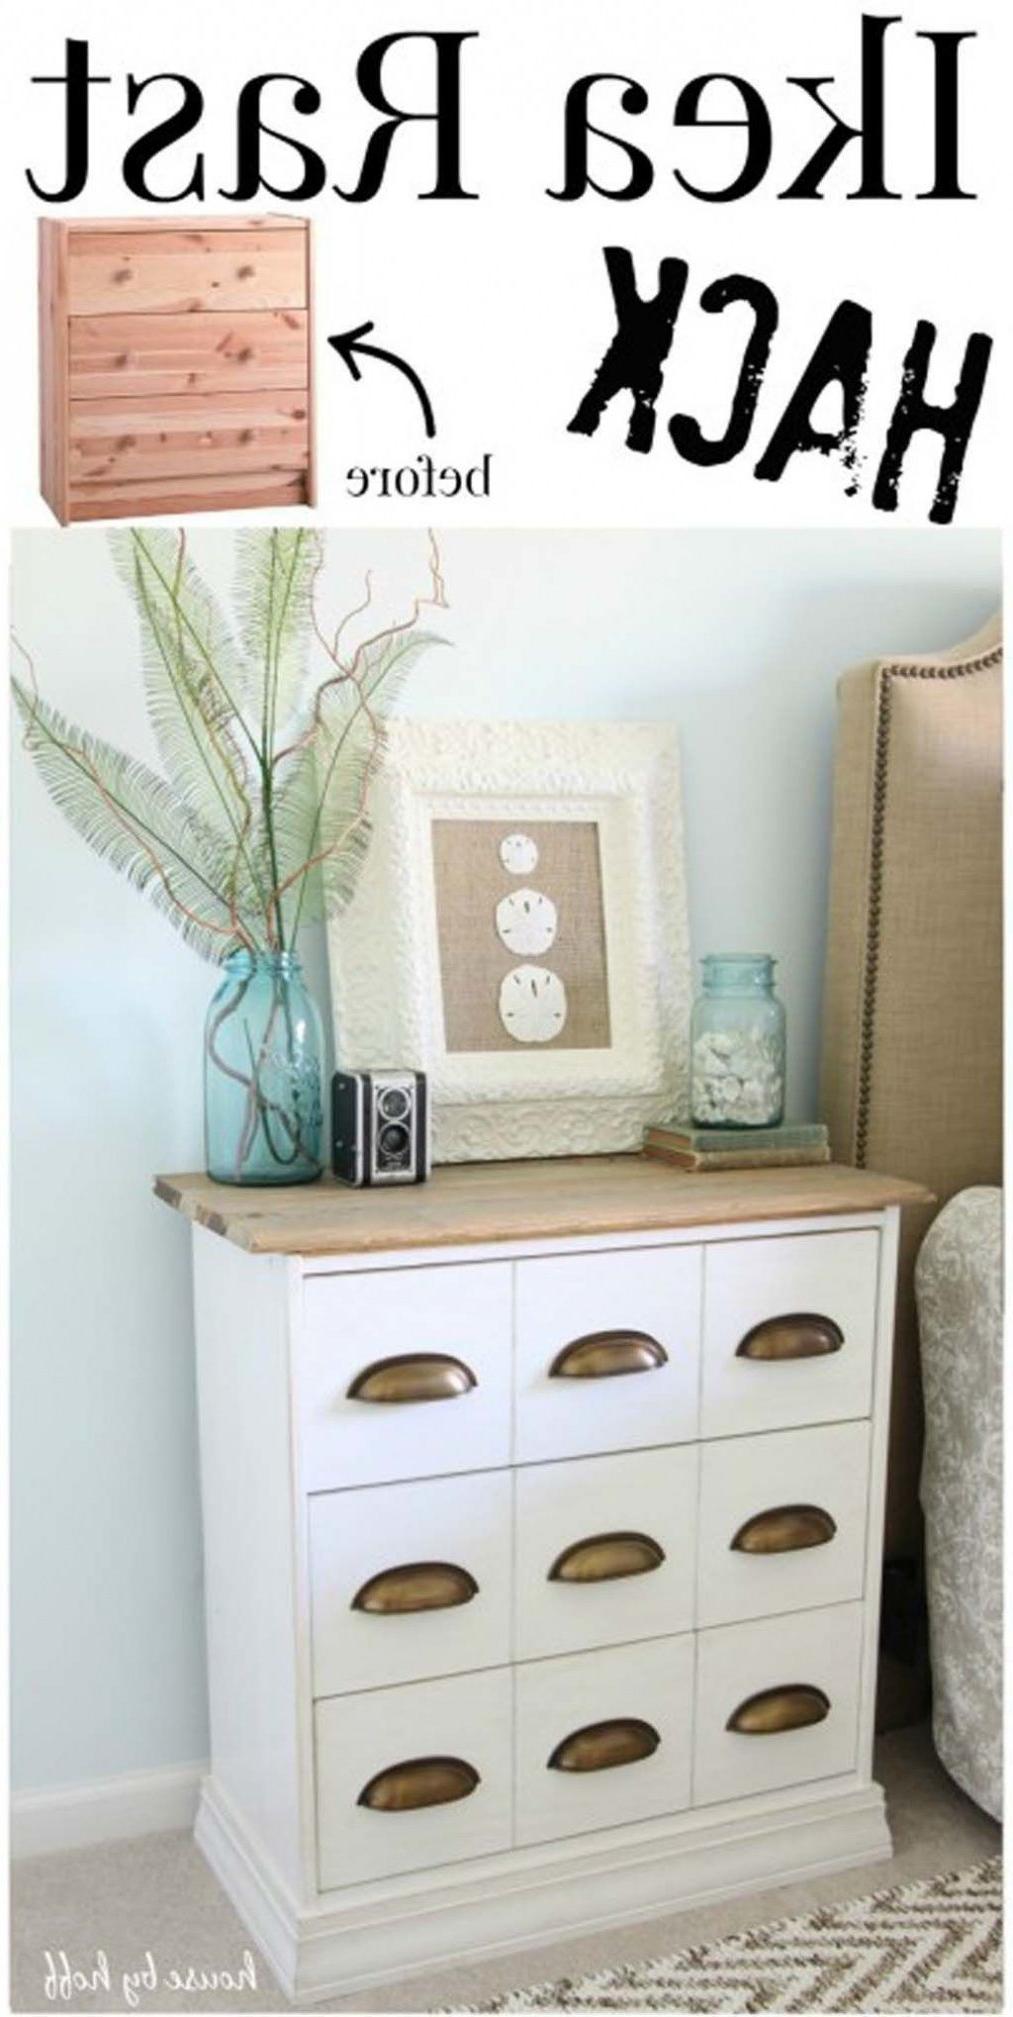 4 Opciones Para Restaurar Muebles De Madera Etdg Restaurar Muebles Lacados Hermoso Fotografia Imagen Inicio 4